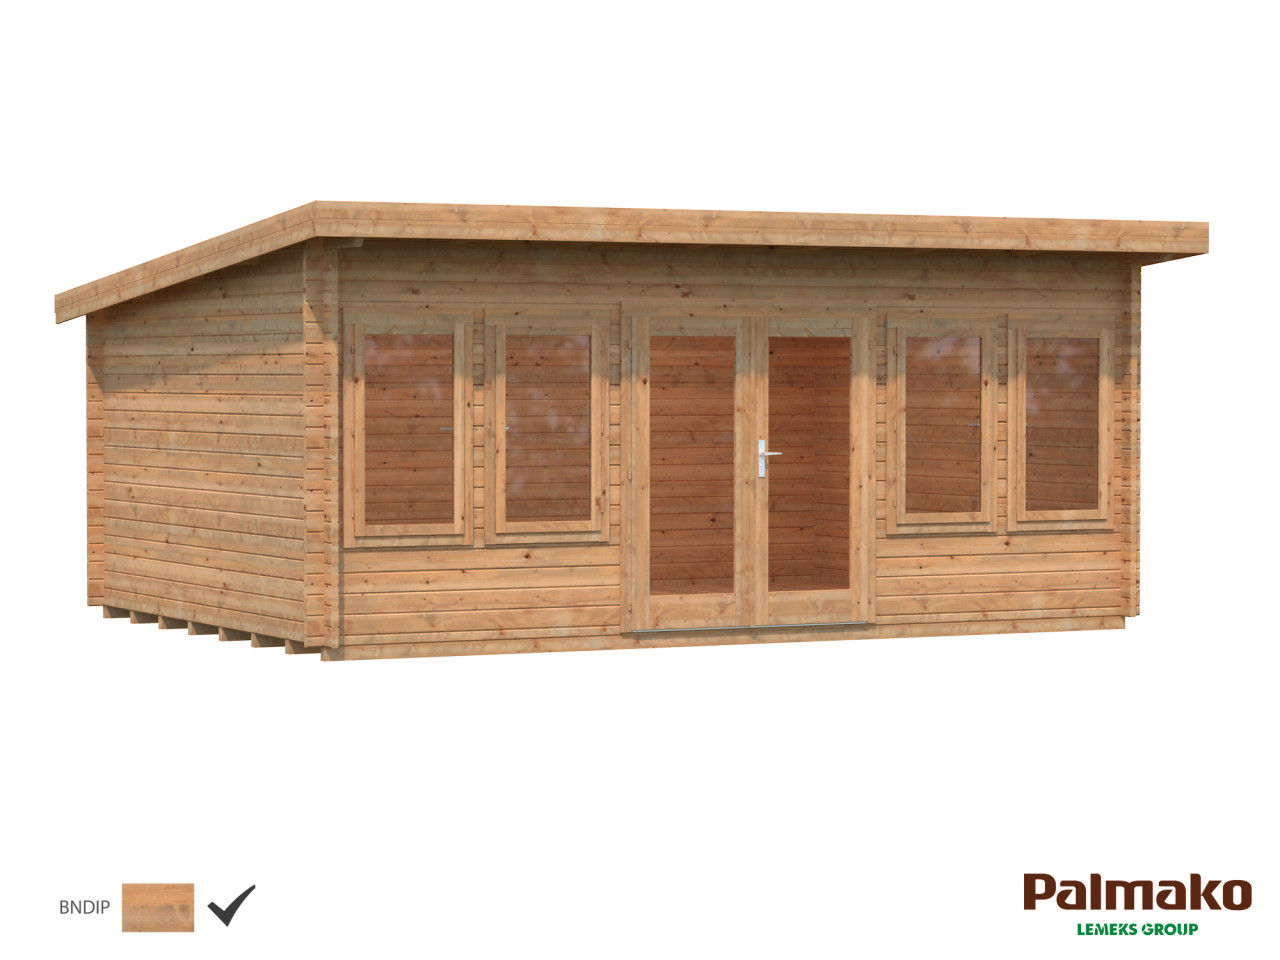 Flachdach Palmako Gartenhaus Lisa 19,4 m²